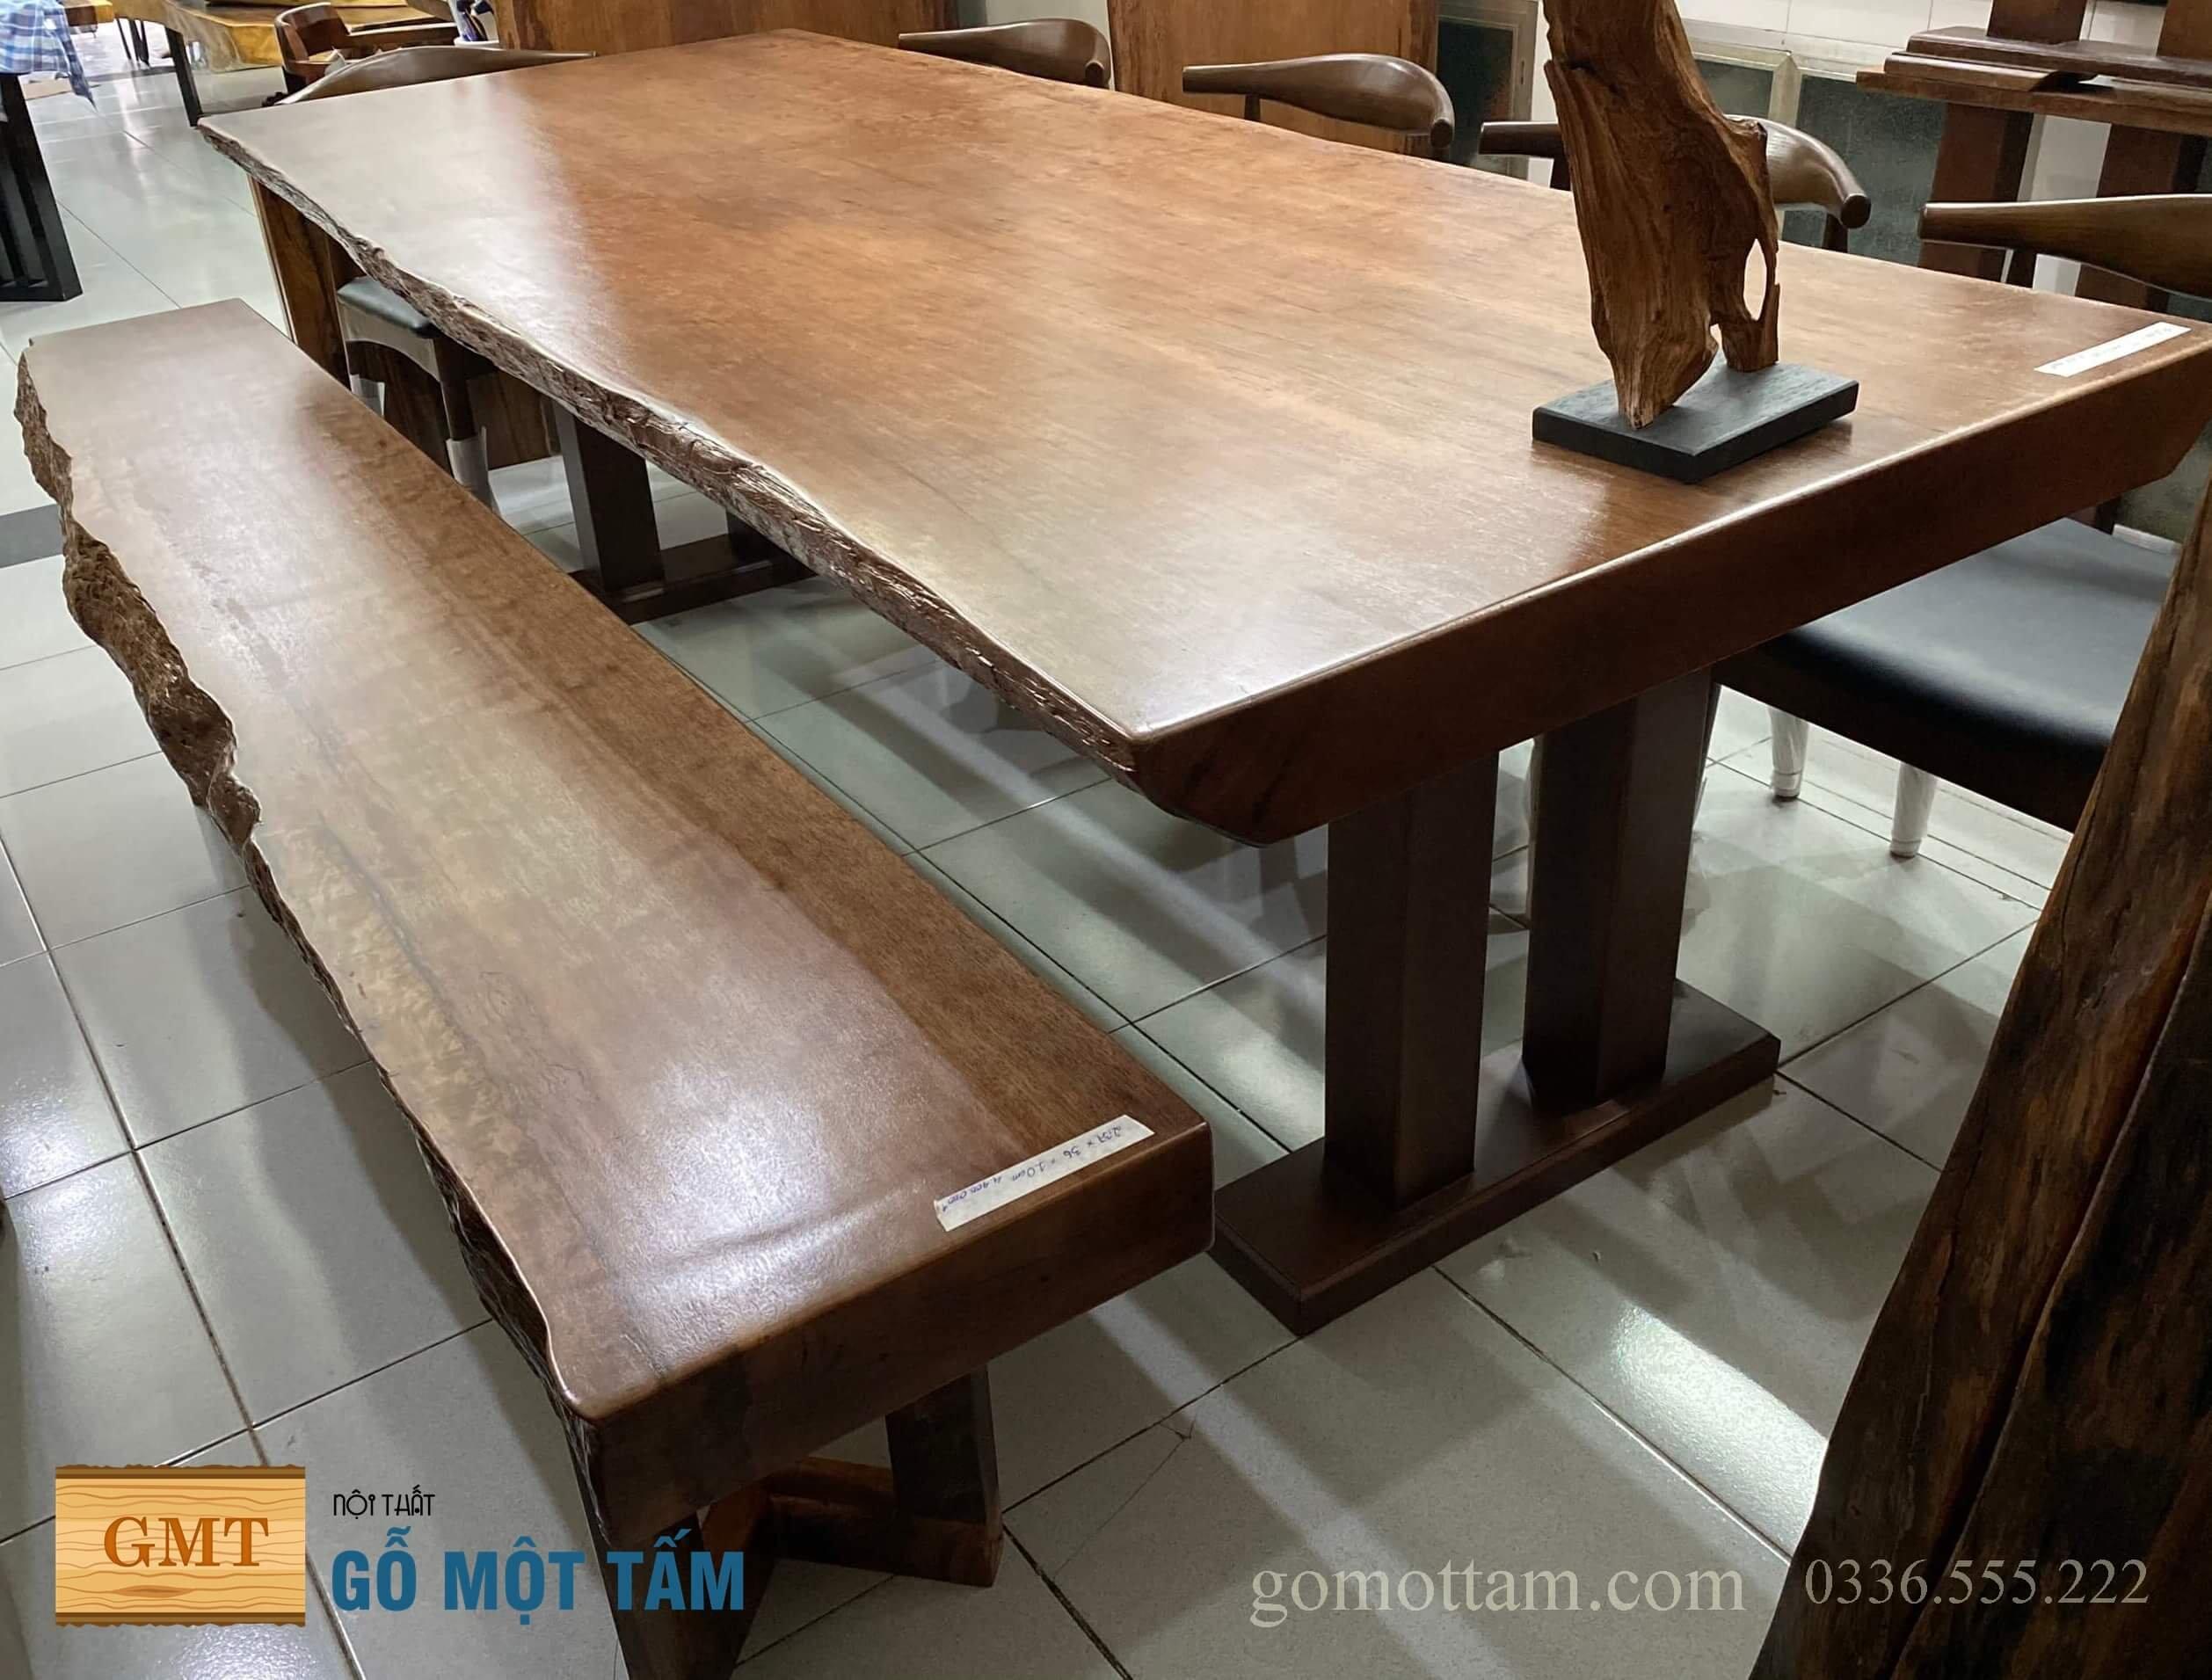 bàn ăn gỗ tự nhiên ghế gỗ